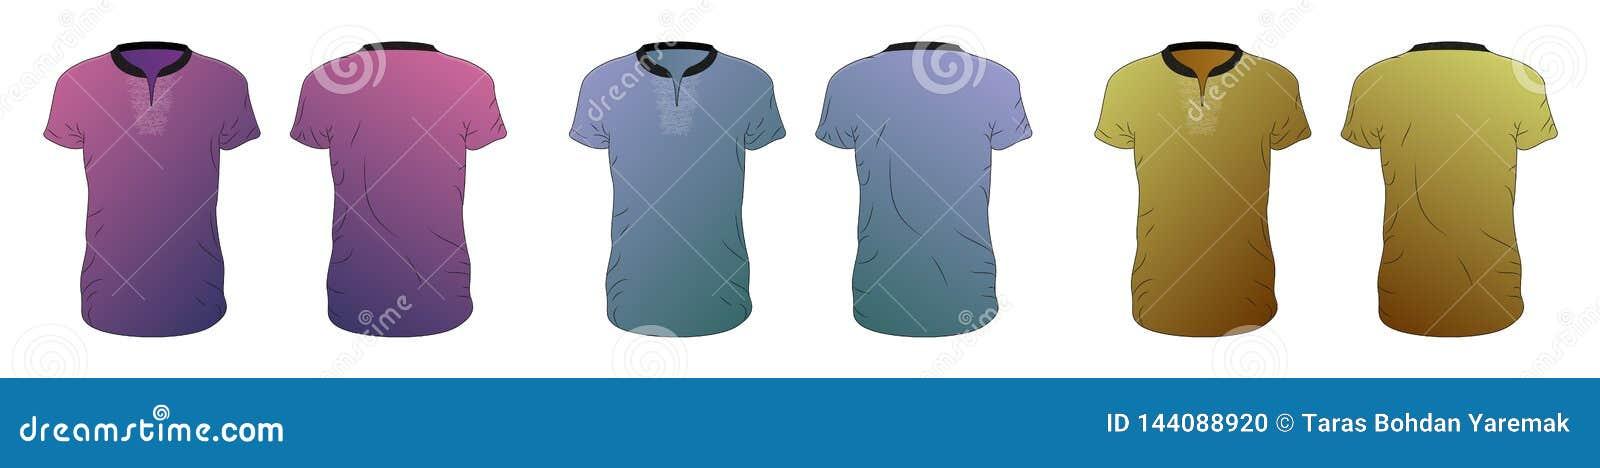 Διανυσματική συλλογή προτύπων μπλουζών των διαφορετικών χρωμάτων, διανυσματική απεικόνιση eps10